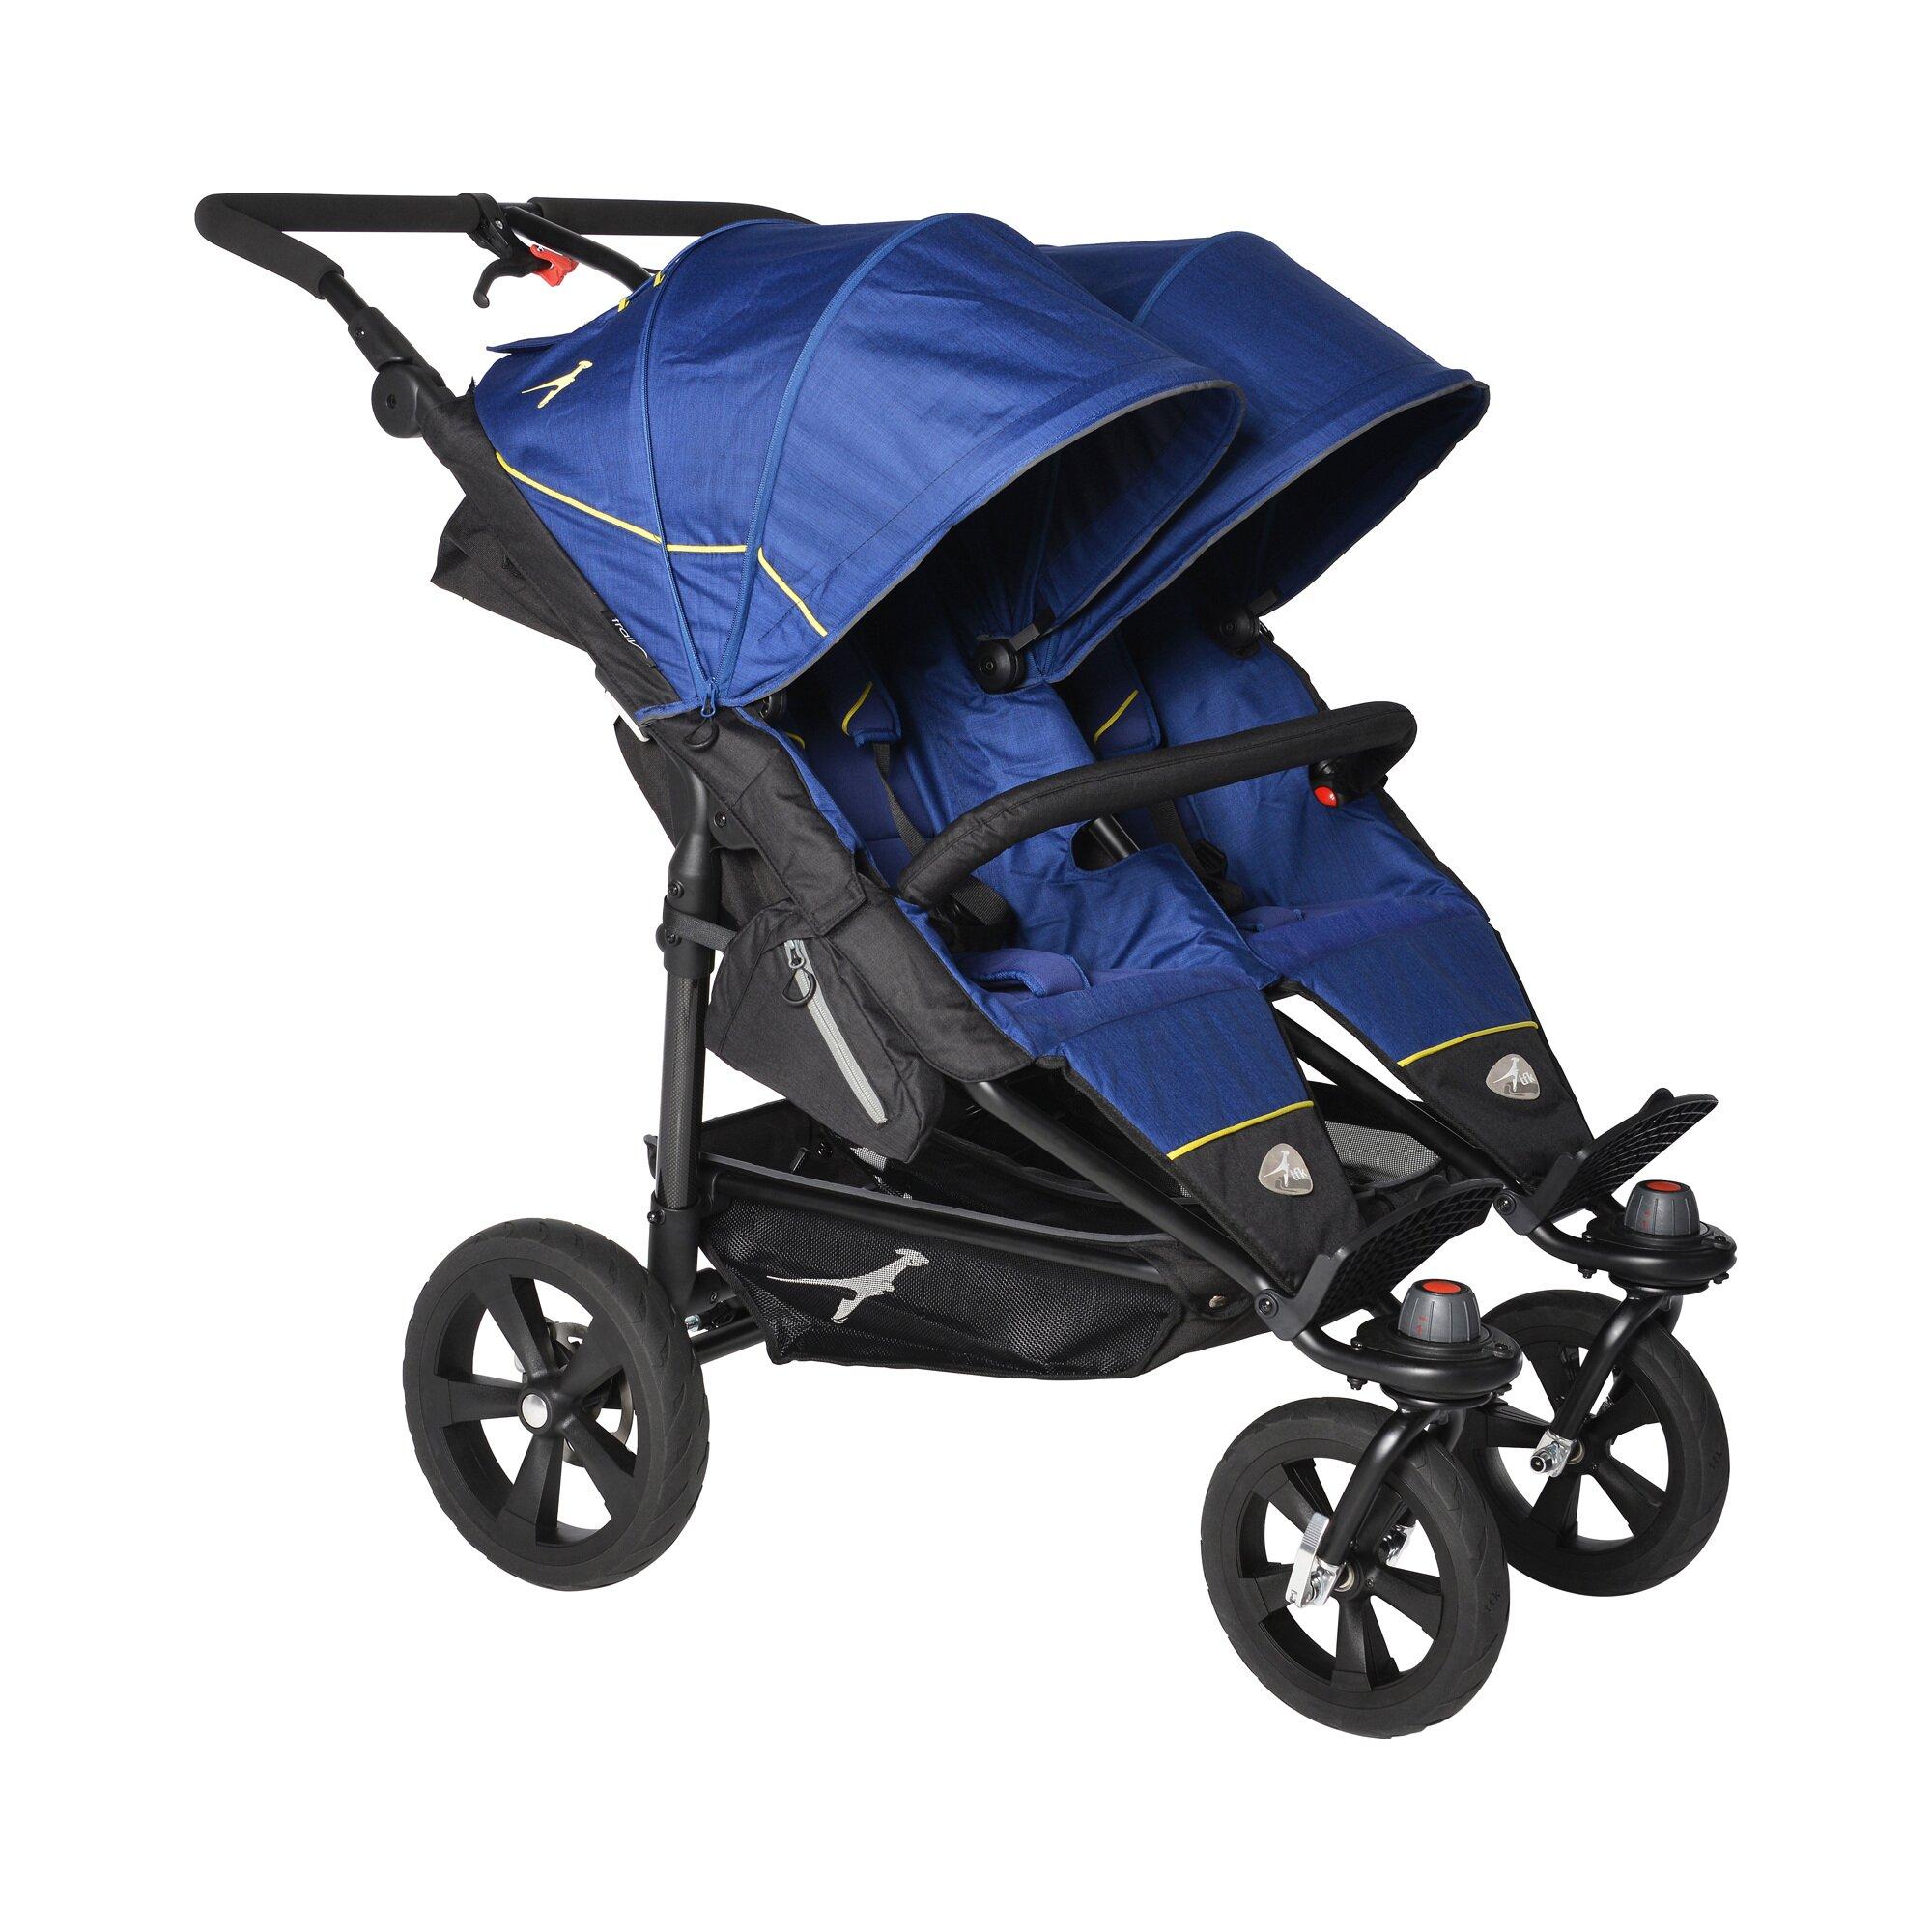 tfk-twin-trail-kinderwagen-zwillingswagen-blau